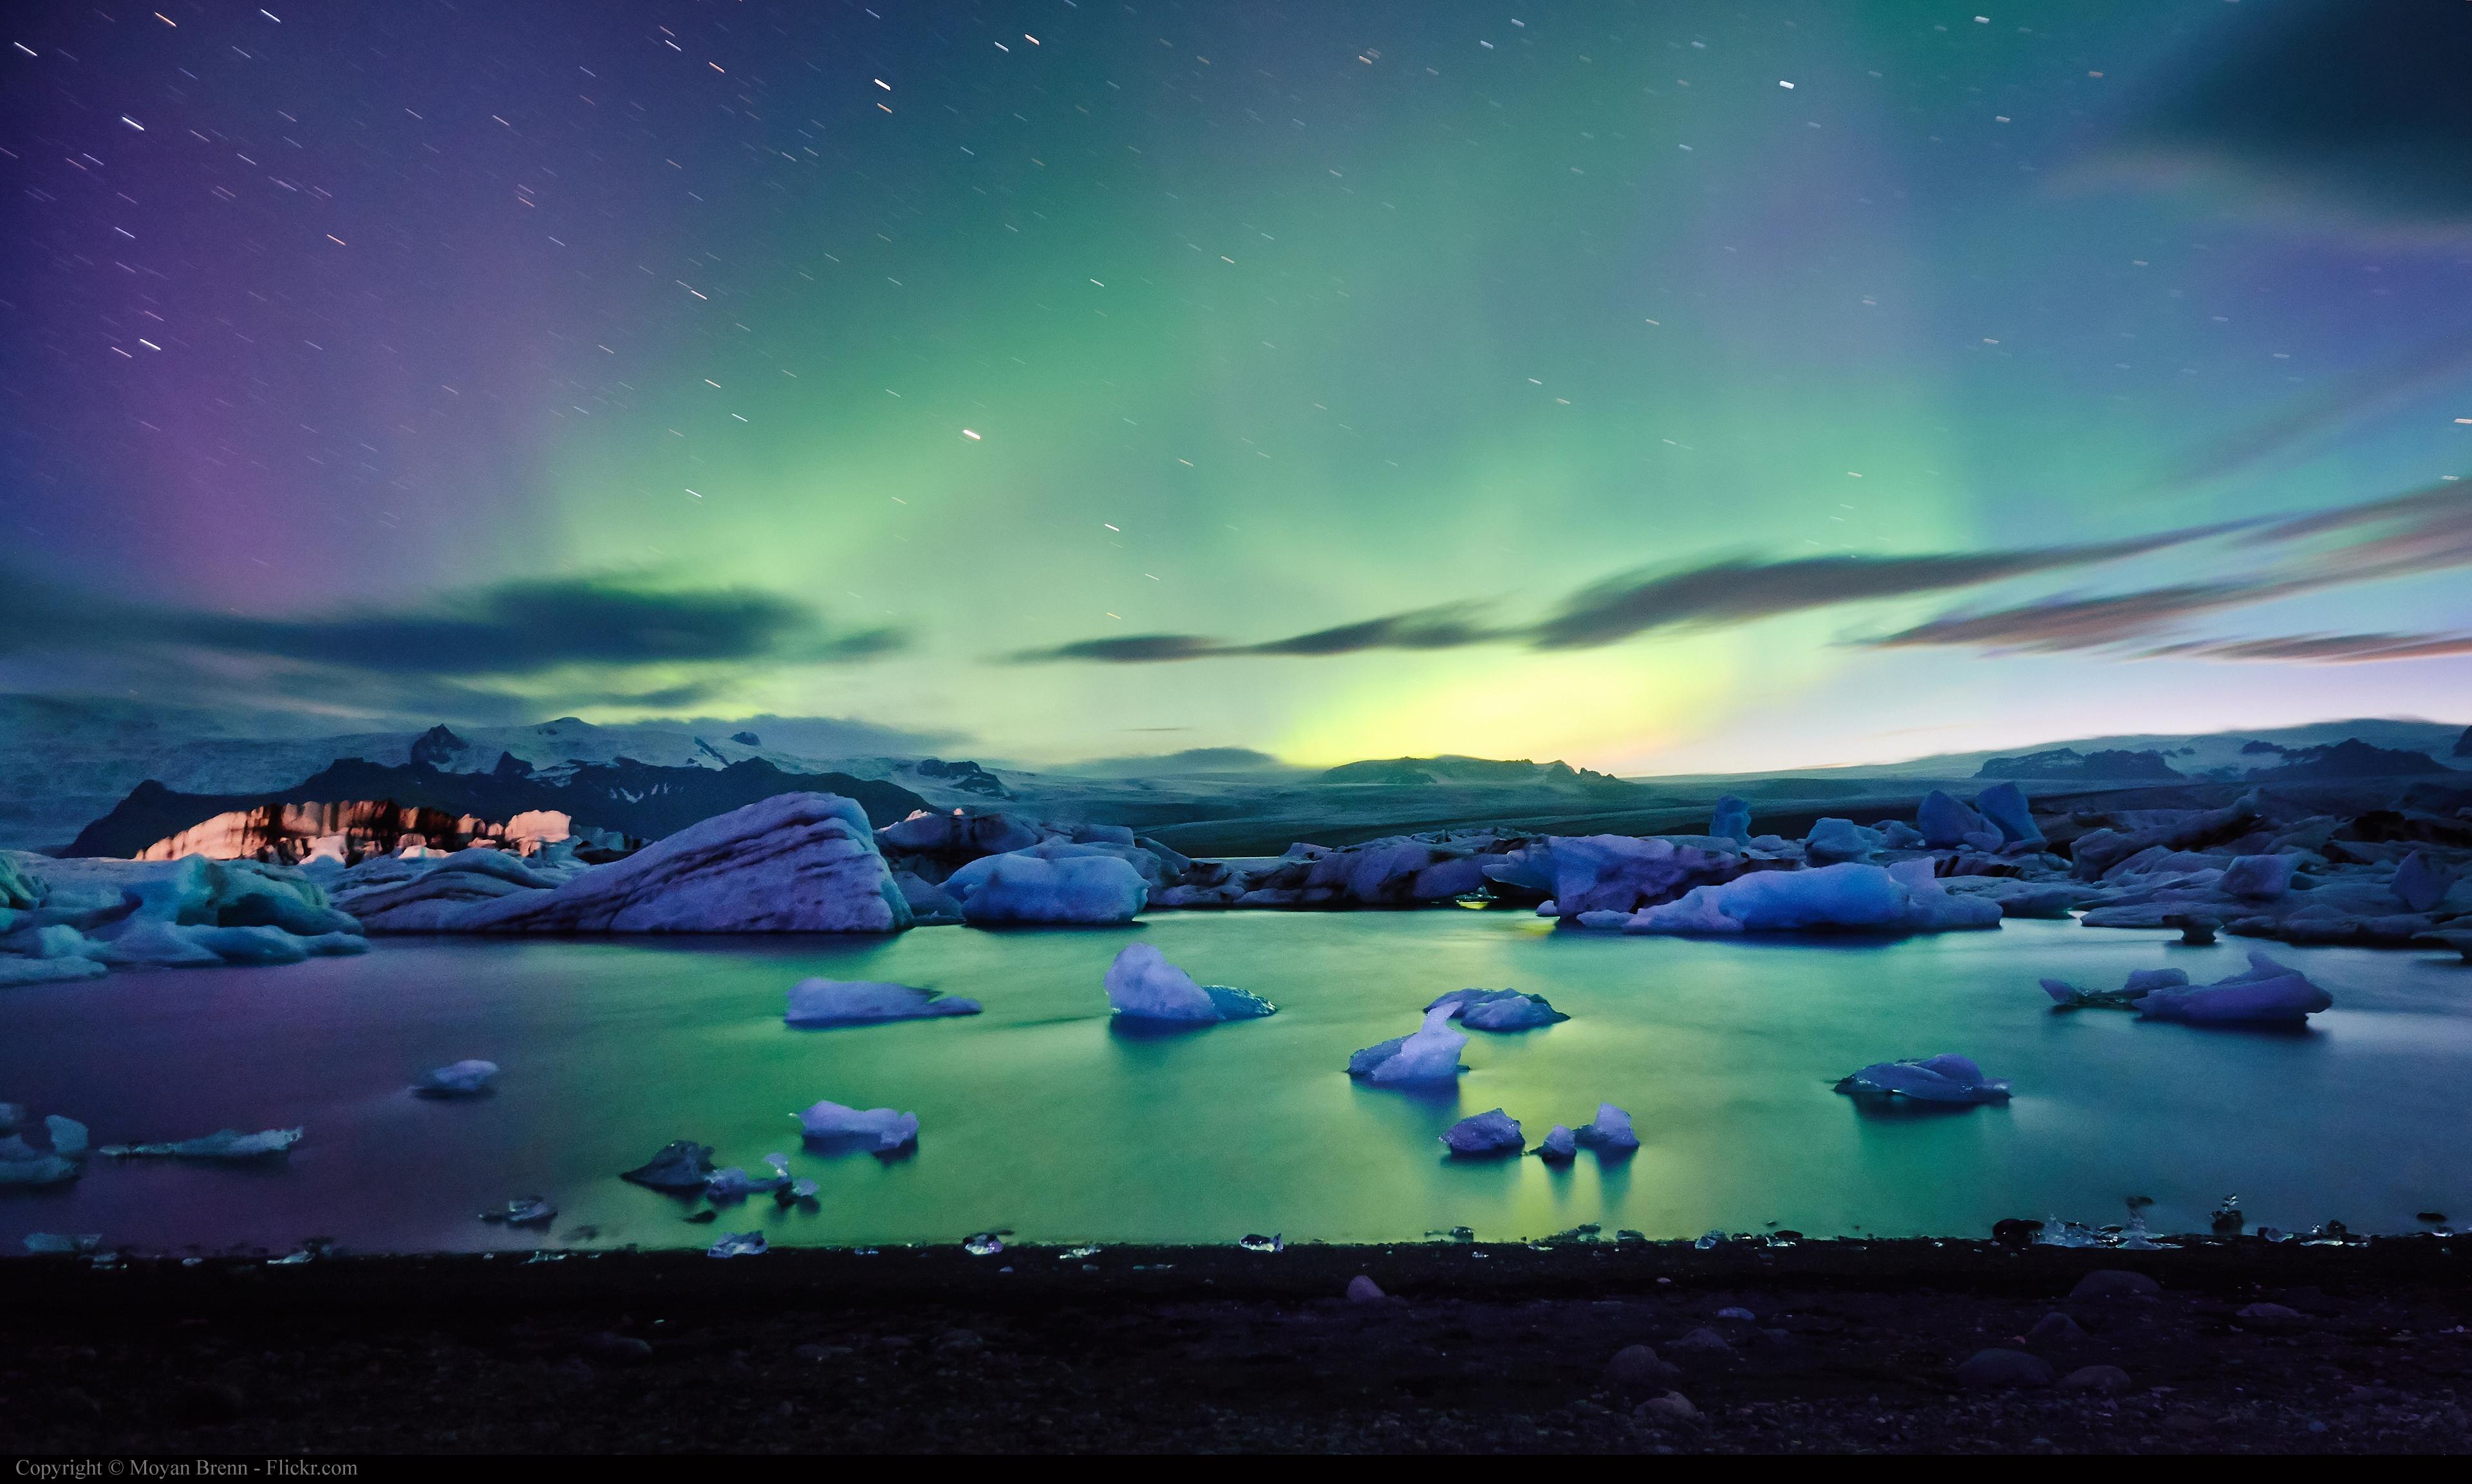 아이슬란드에서 오로라 만나기-오로라 보기 좋은 시기, 지역, 오로라 앱